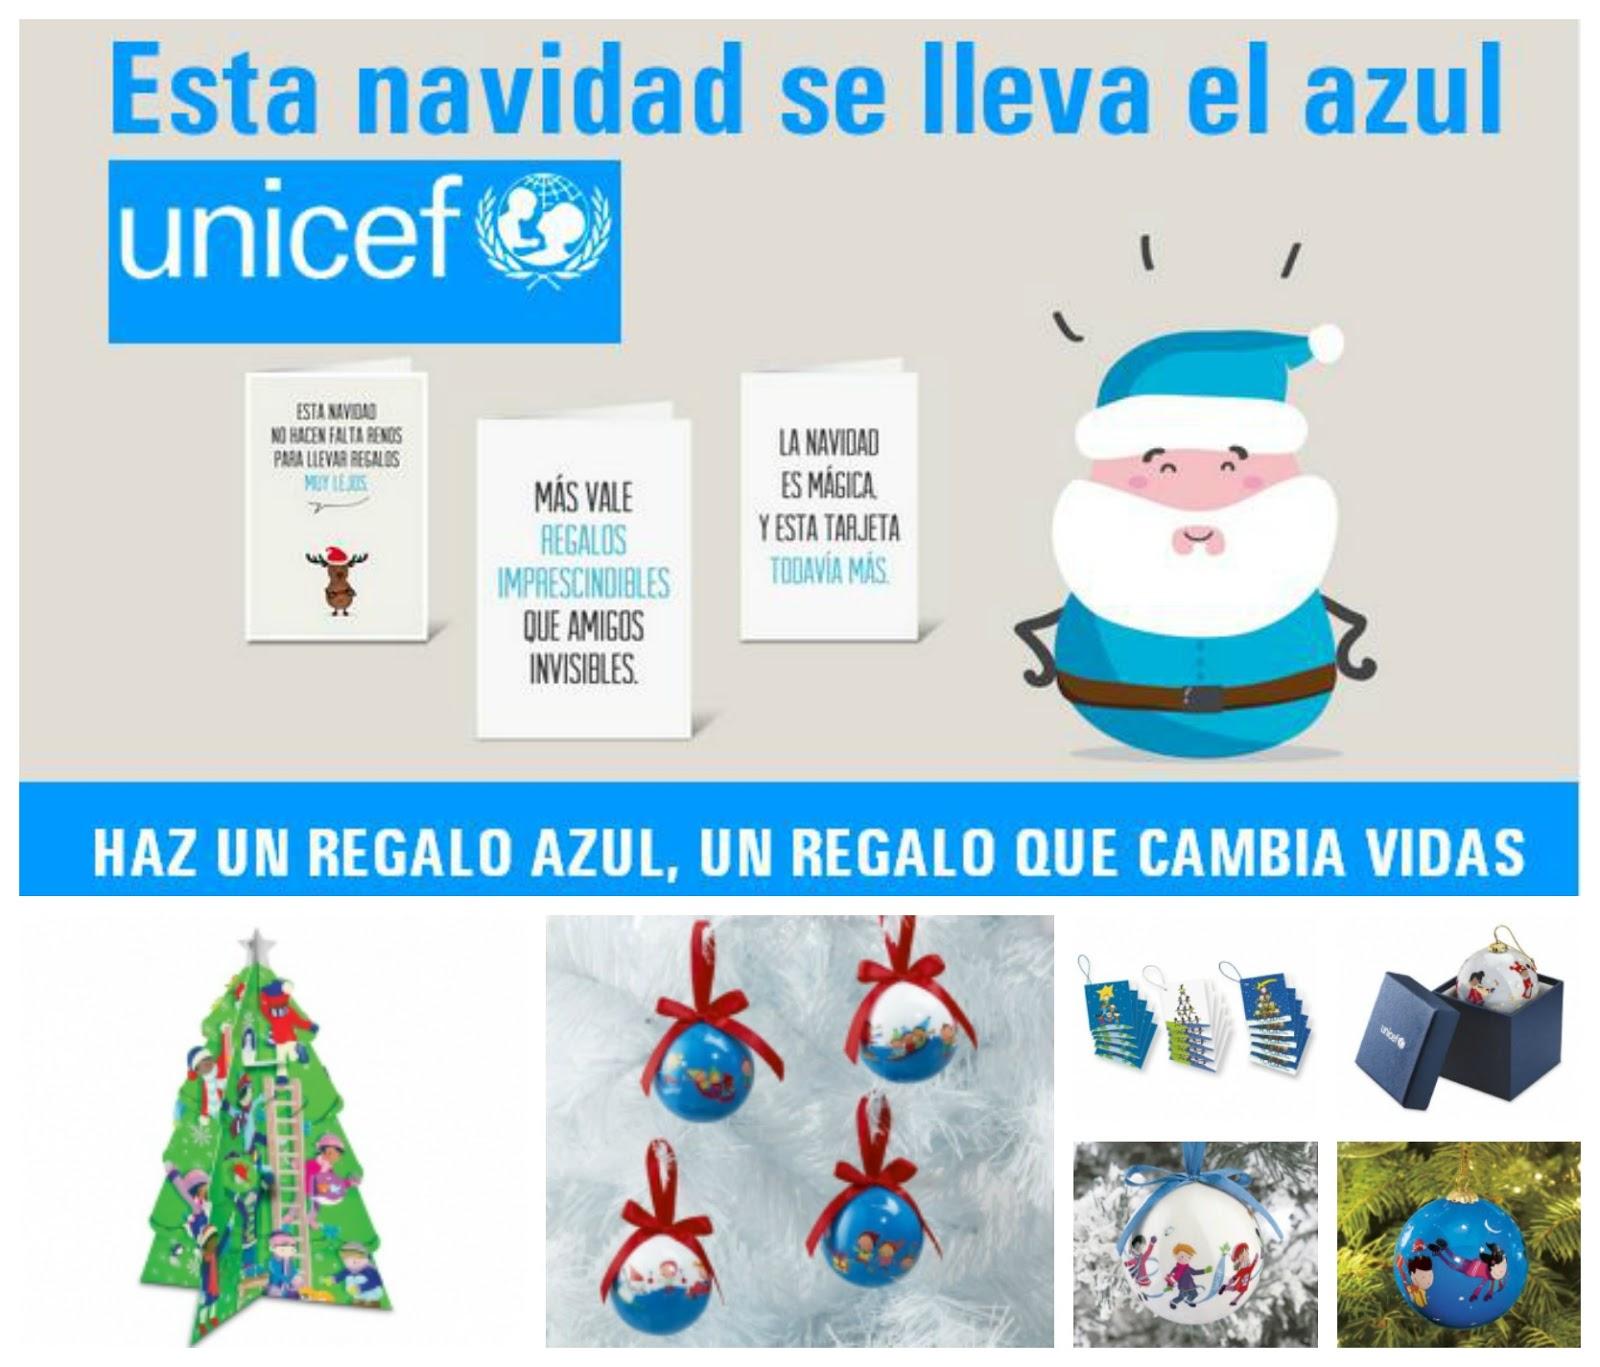 Regalos-solidarios-navidad-blogger